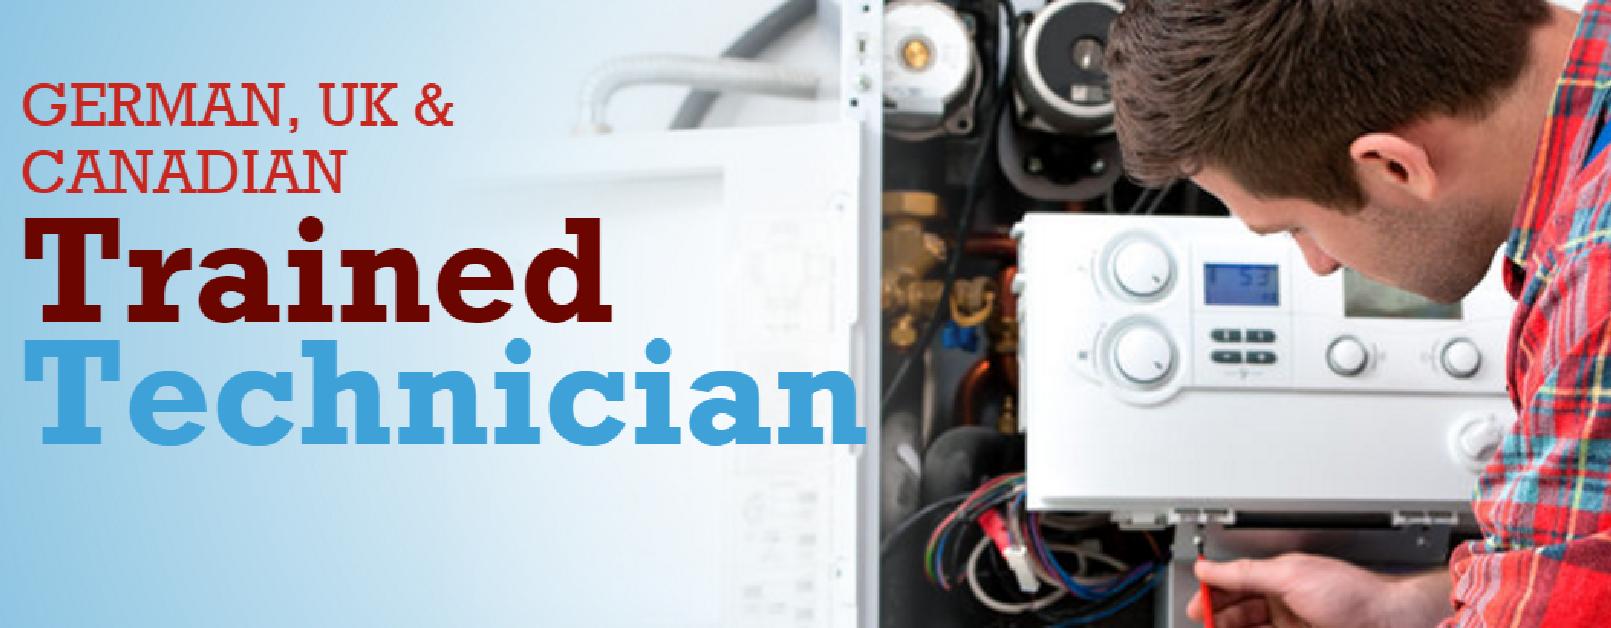 Boilers & Beyond Heating & Cooling Ltd - Réparation et entretien de chaudières - 604-376-0919